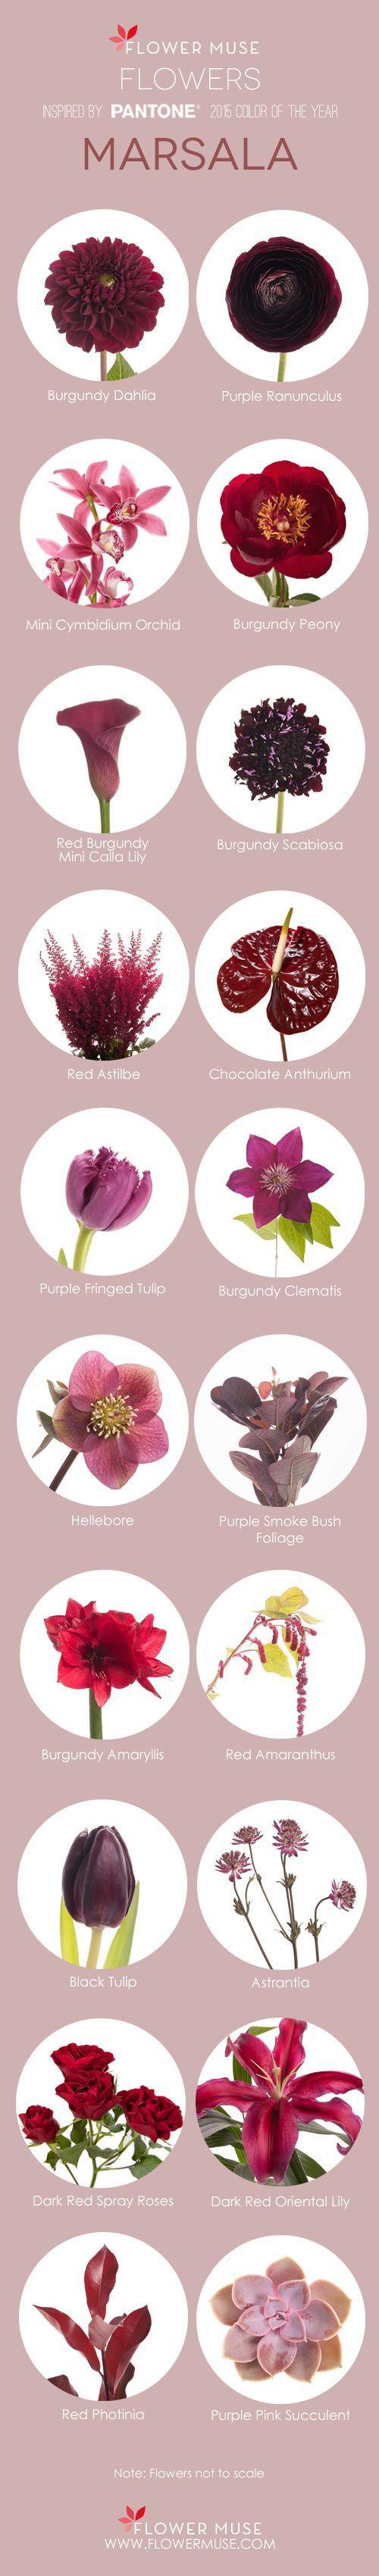 Flower guide - marsala